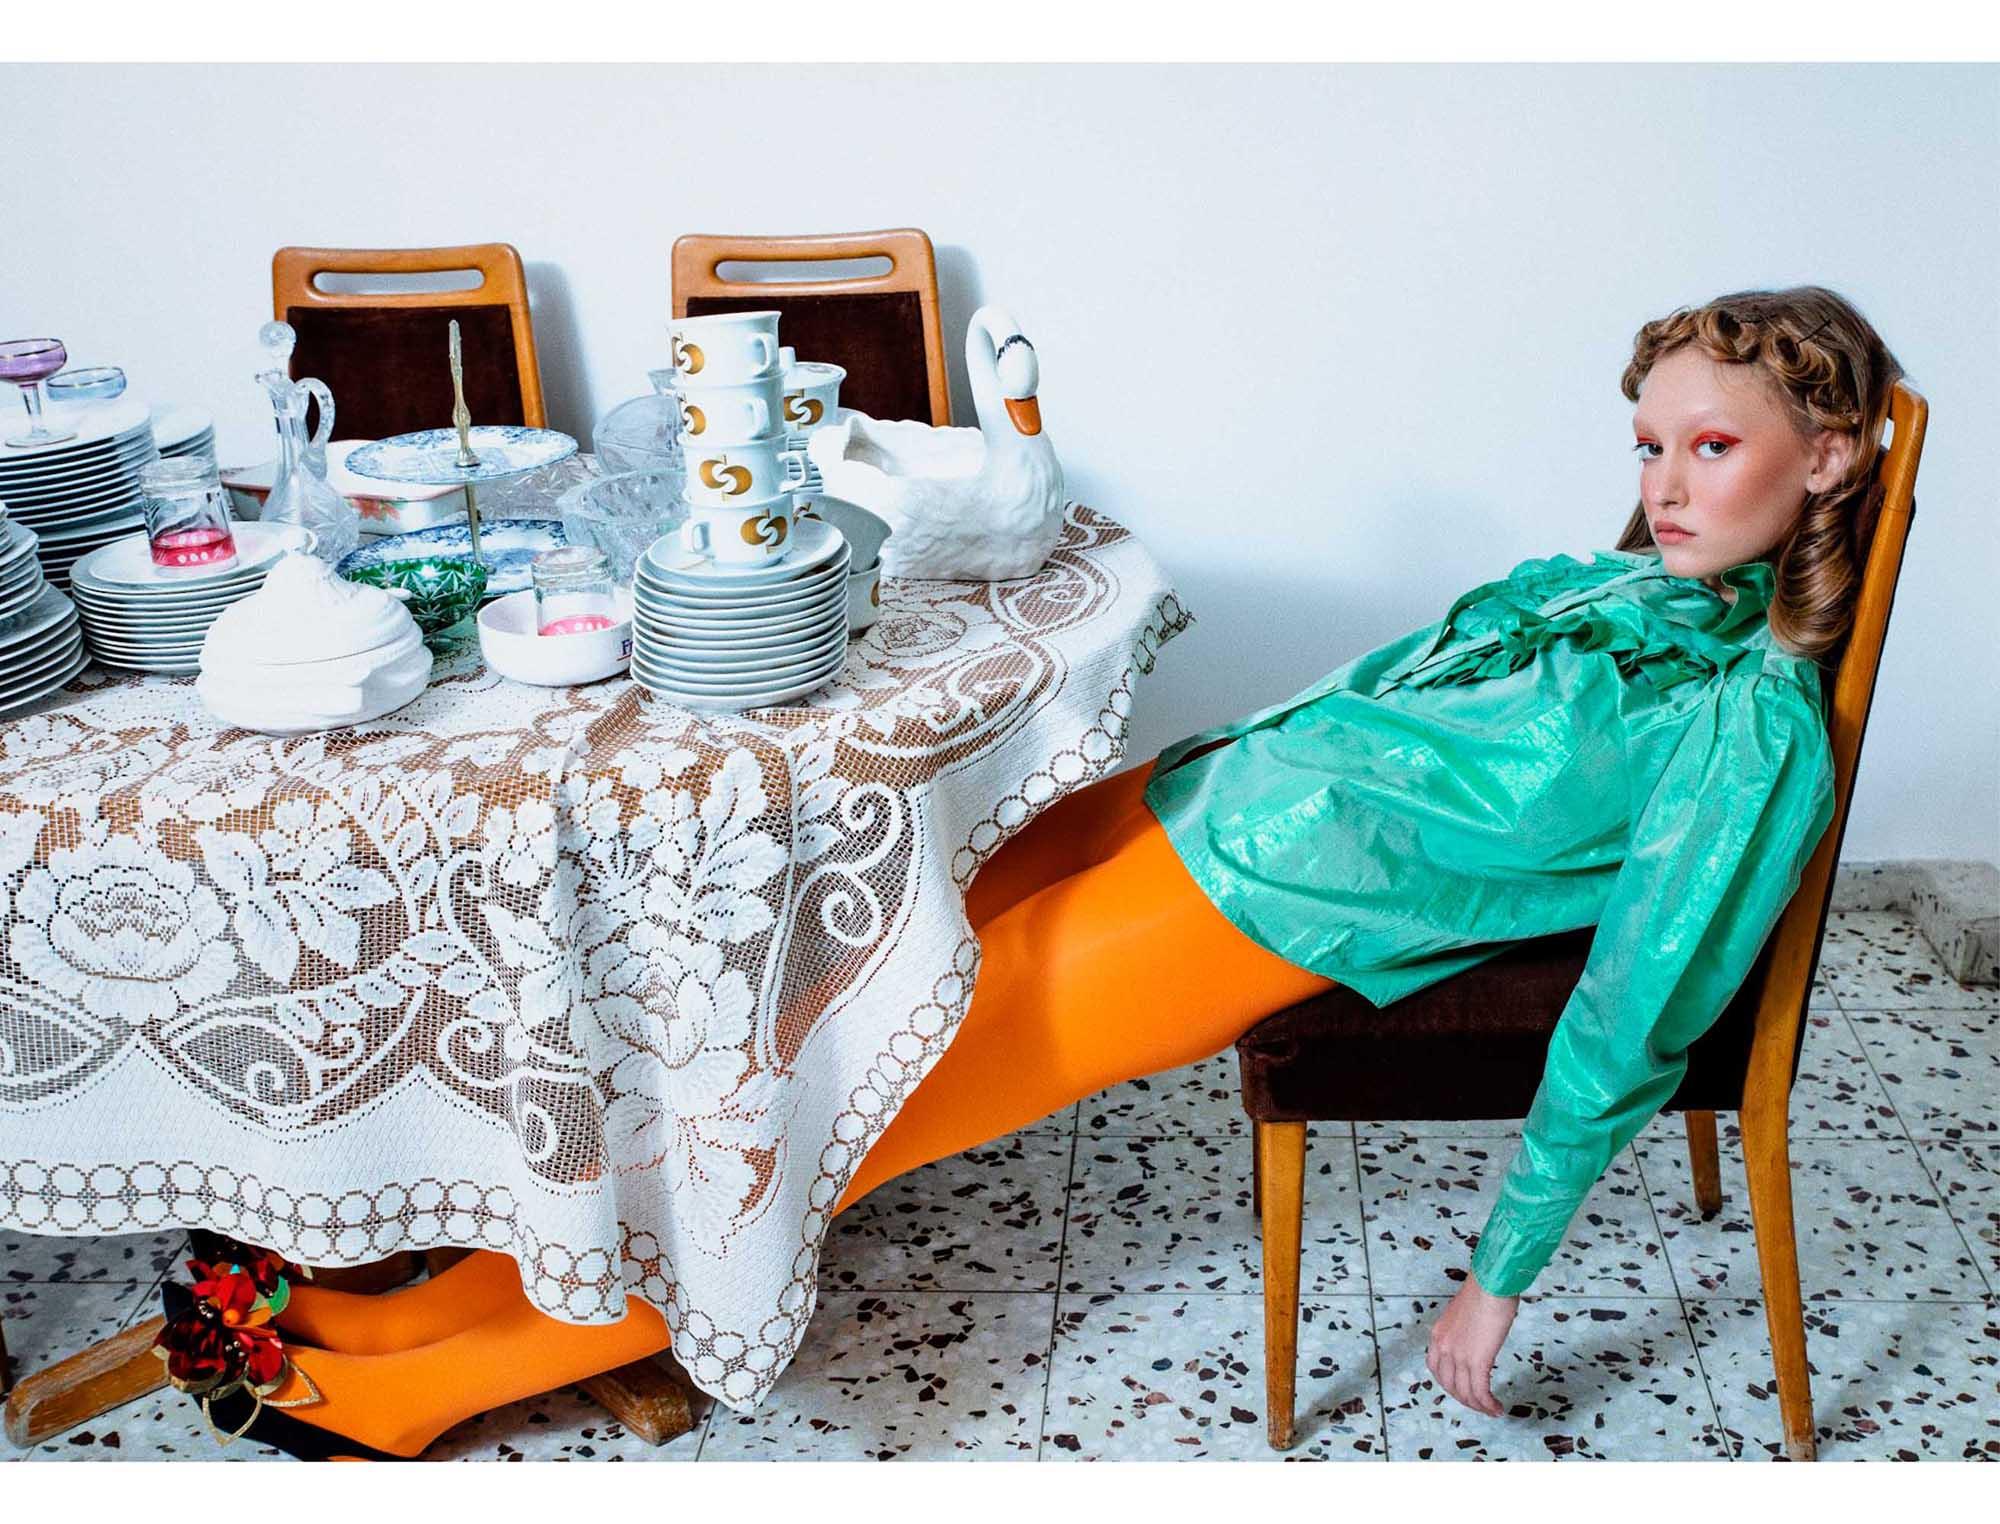 הפקות אופנה - צלמת: עדי לידור, סטיילינג: רון שפונט, שיער: איה שוסטרמן, איפור: מירב אשר, דוגמניות: מאיה שורשקי, קורל יסמין